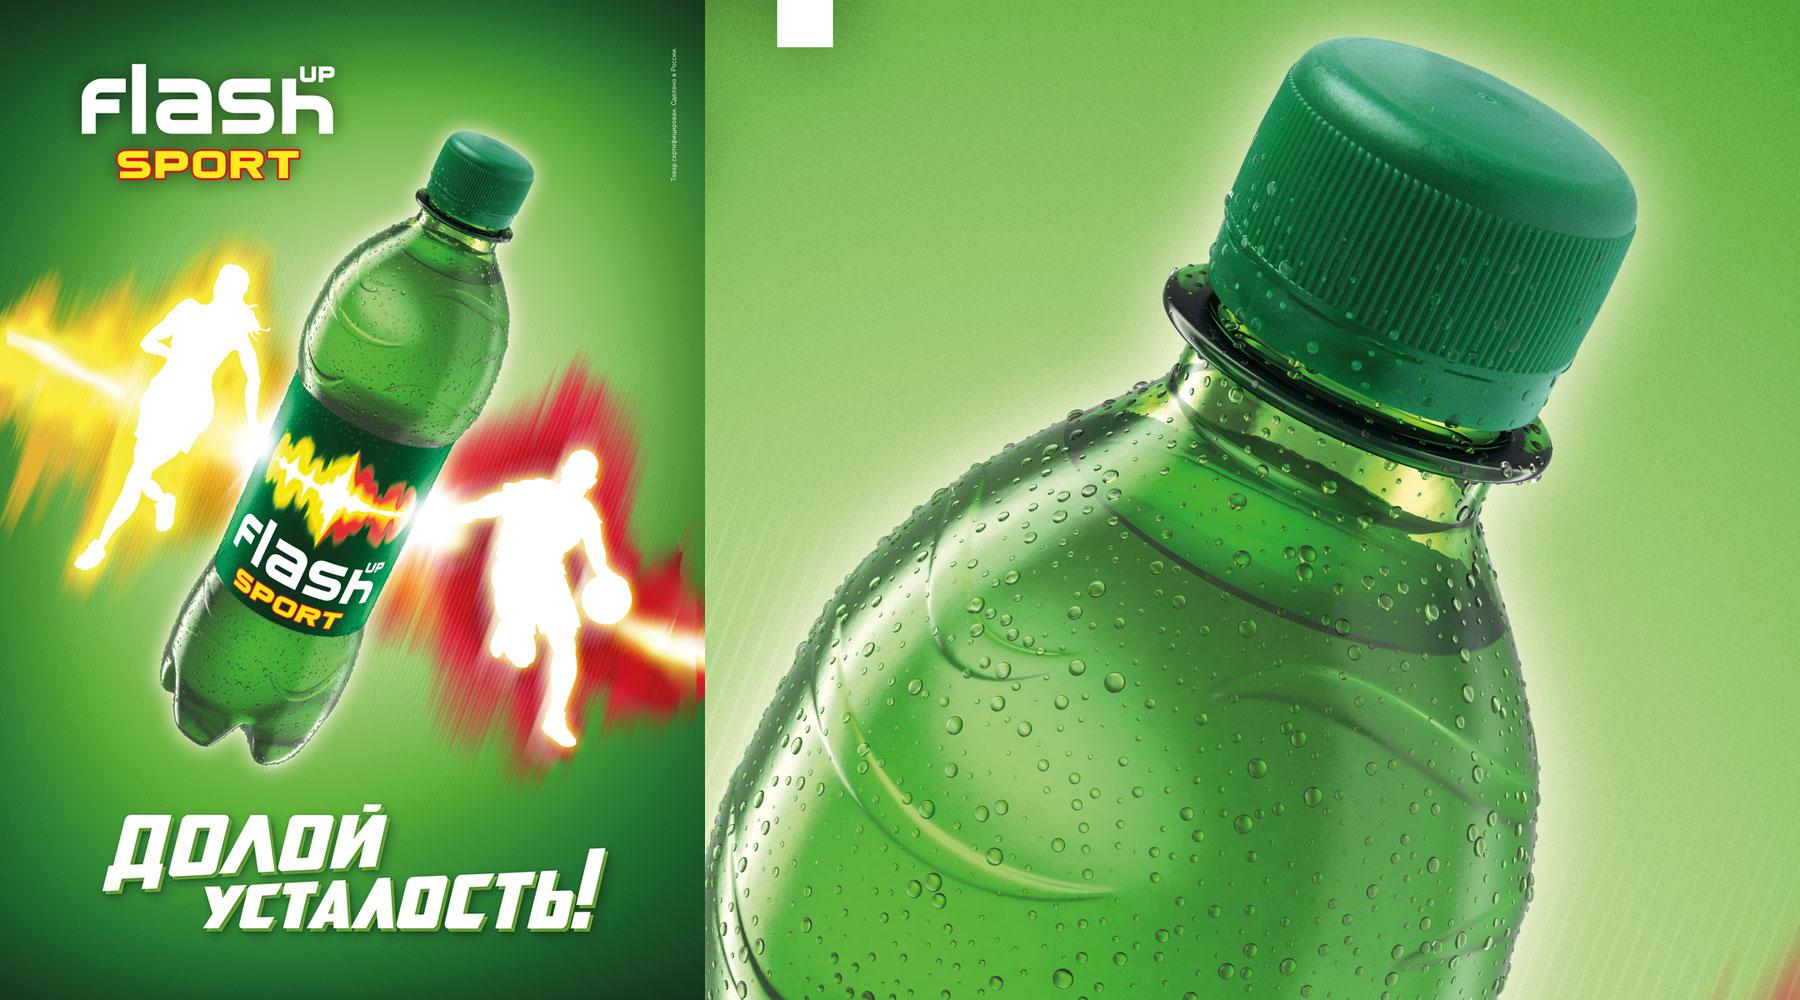 Бутылка Flash.